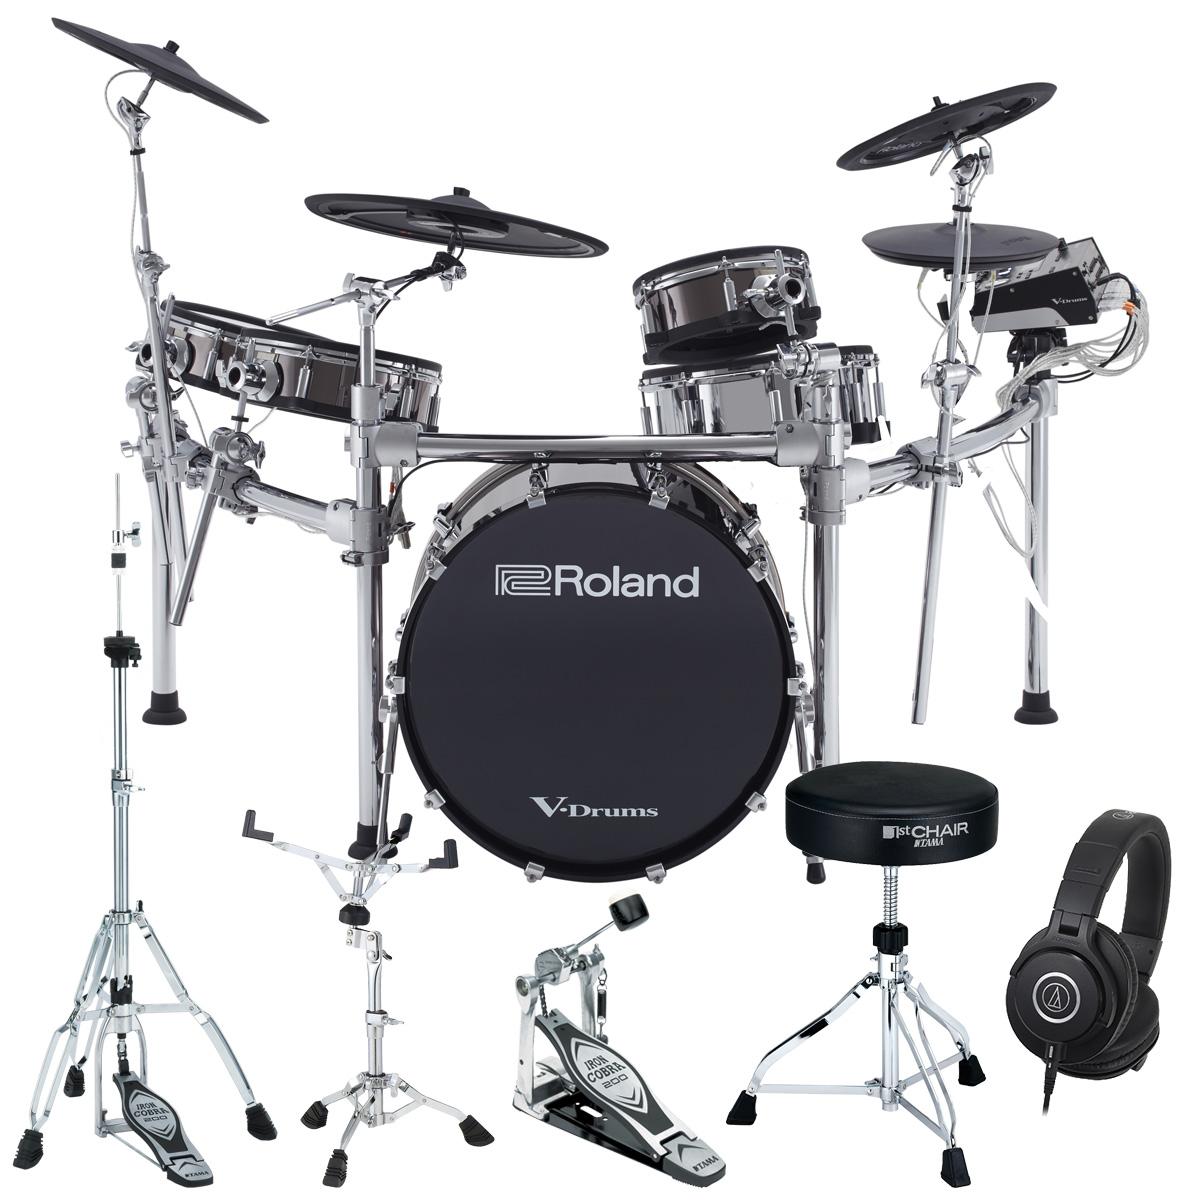 【Rolandキャッシュバック10000円対象】【タイムセール:29日12時まで】Roland Drum System TD-50KVX TAMAスターターパック【YRK】